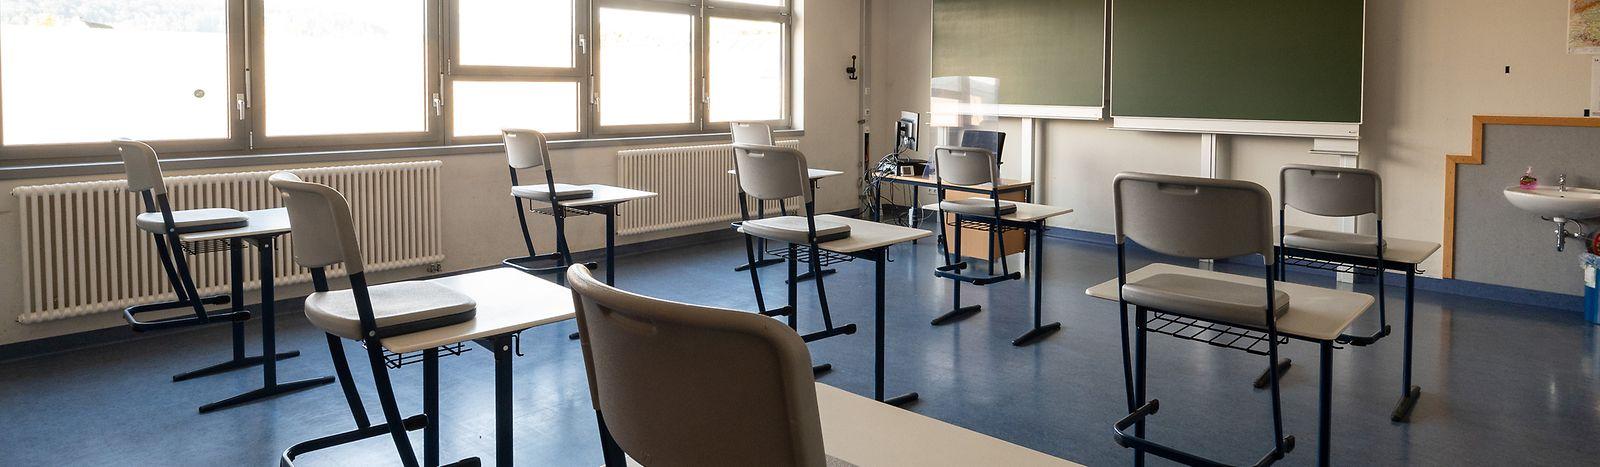 Escola Internacional de Mersch Anne Beffort ( EIMAB)